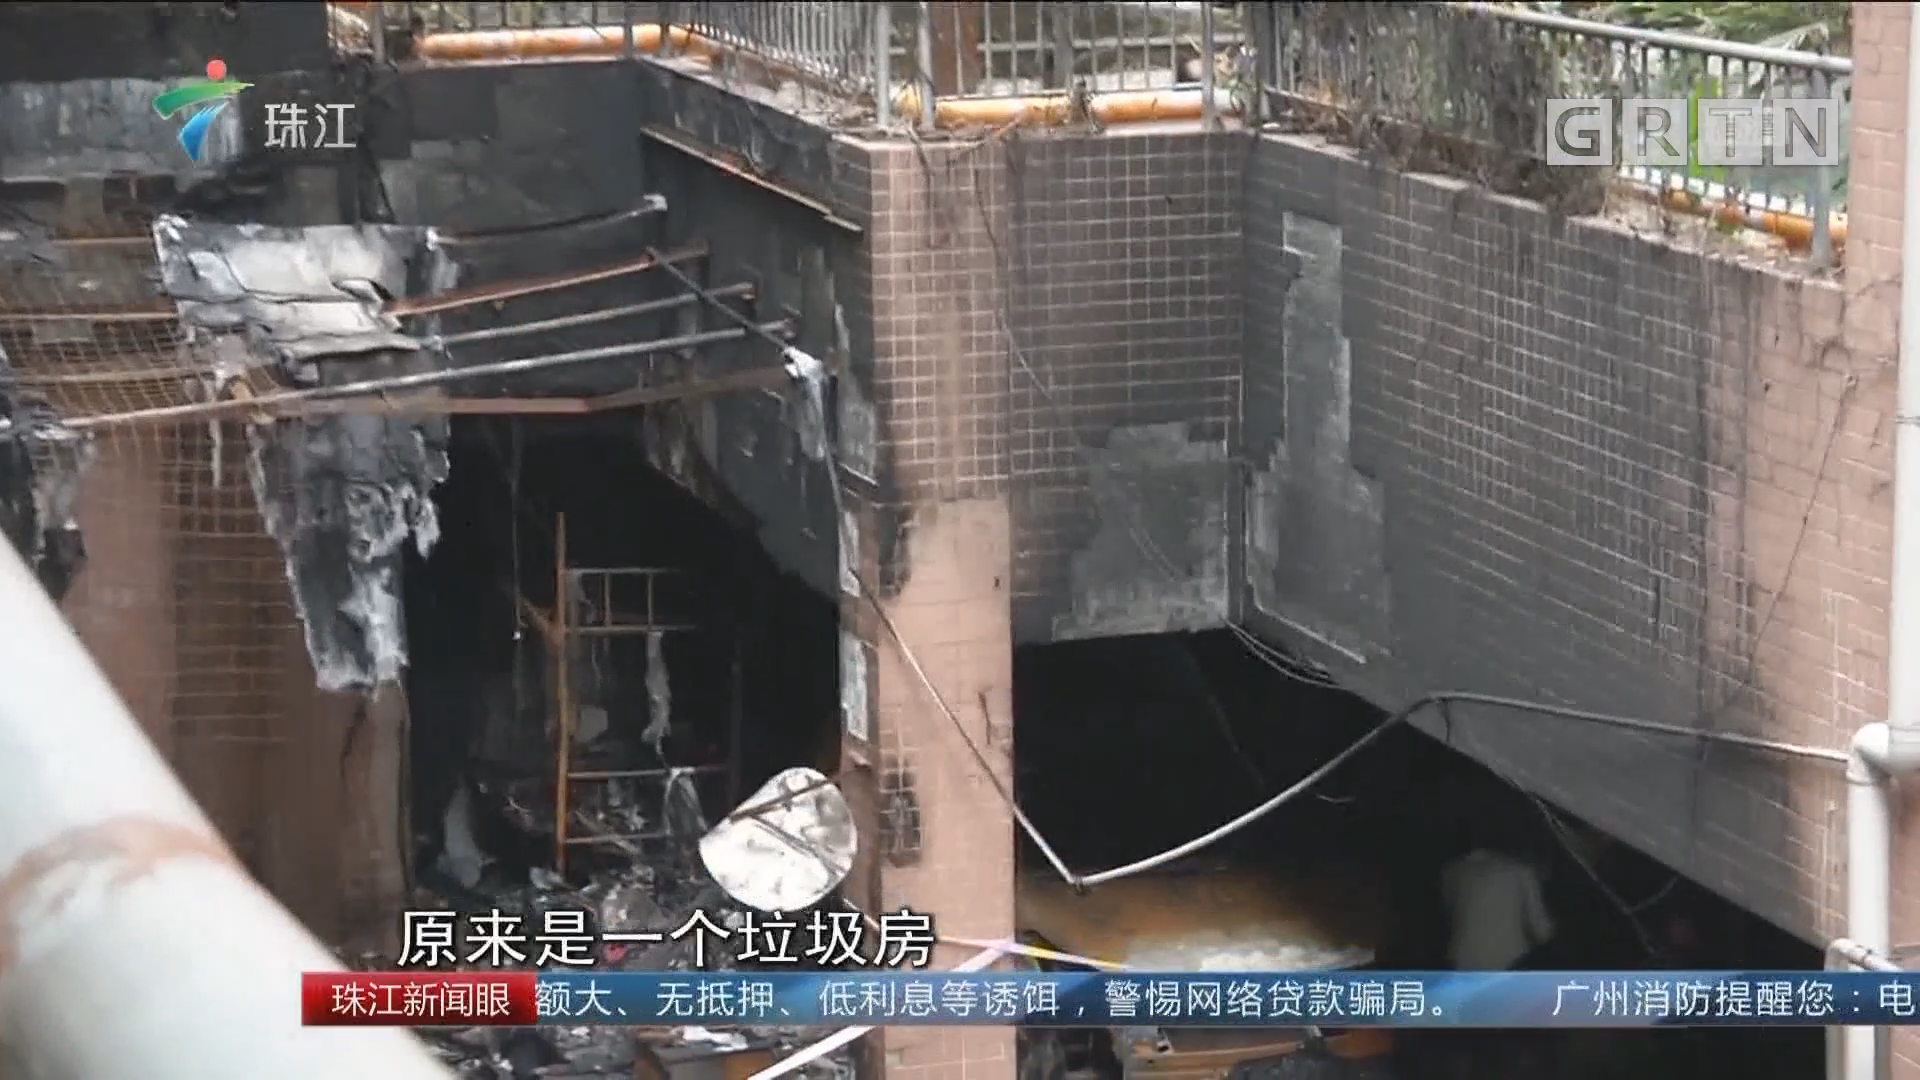 深圳:小区地下停车场发生大火